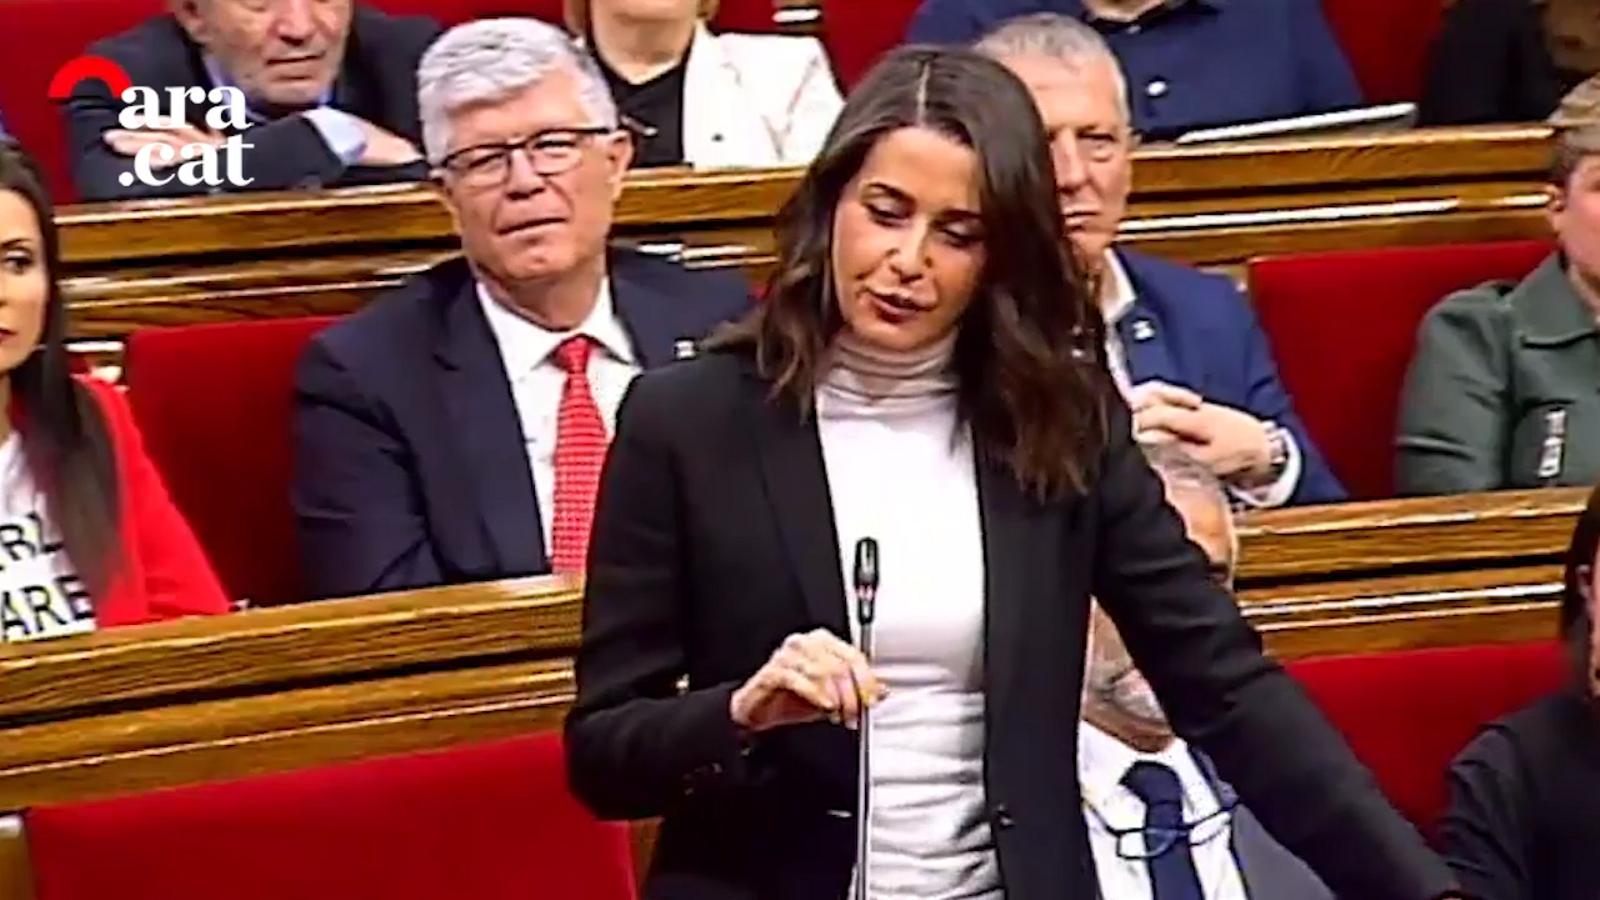 Arrimadas al Parlament: Aquí són molt gallets però s'enfonsen davant dels jutges